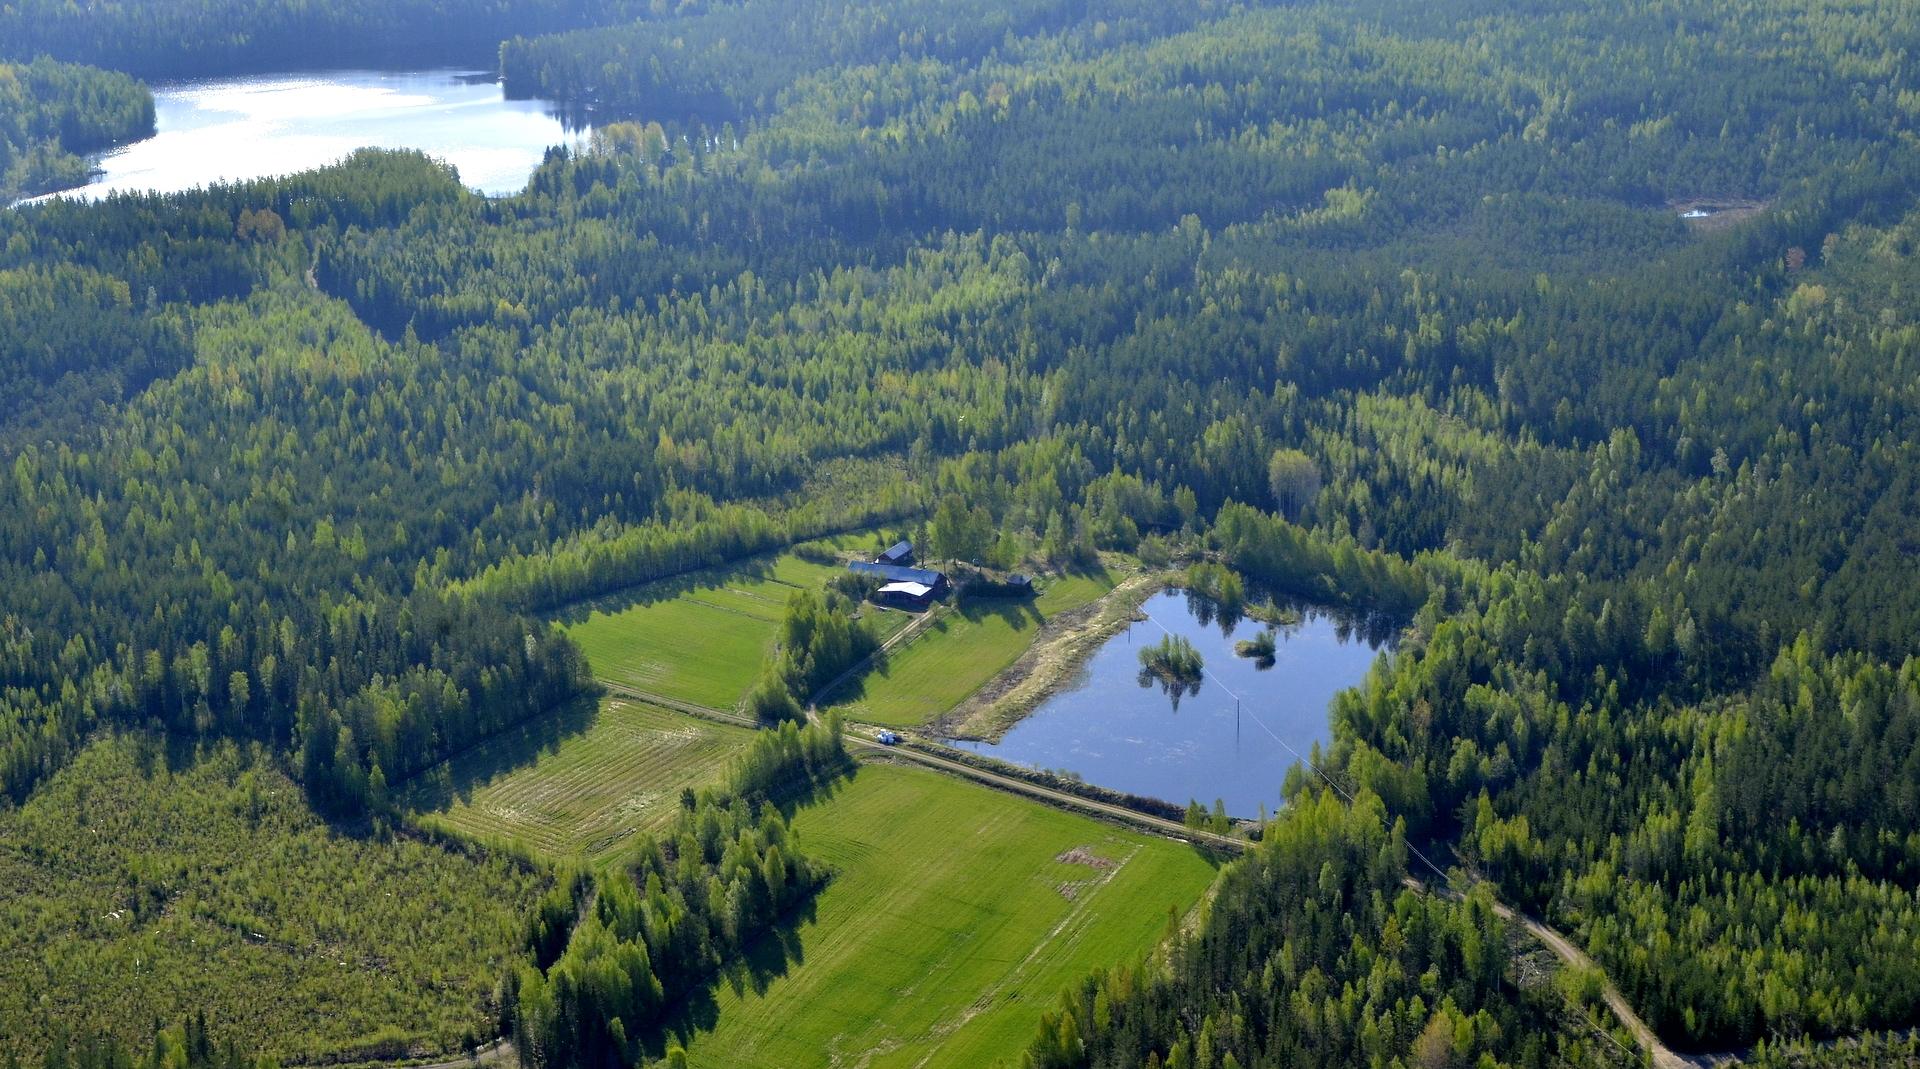 Vasemmalla Rauskajärvi ja oikealla Onnelan lammikko.